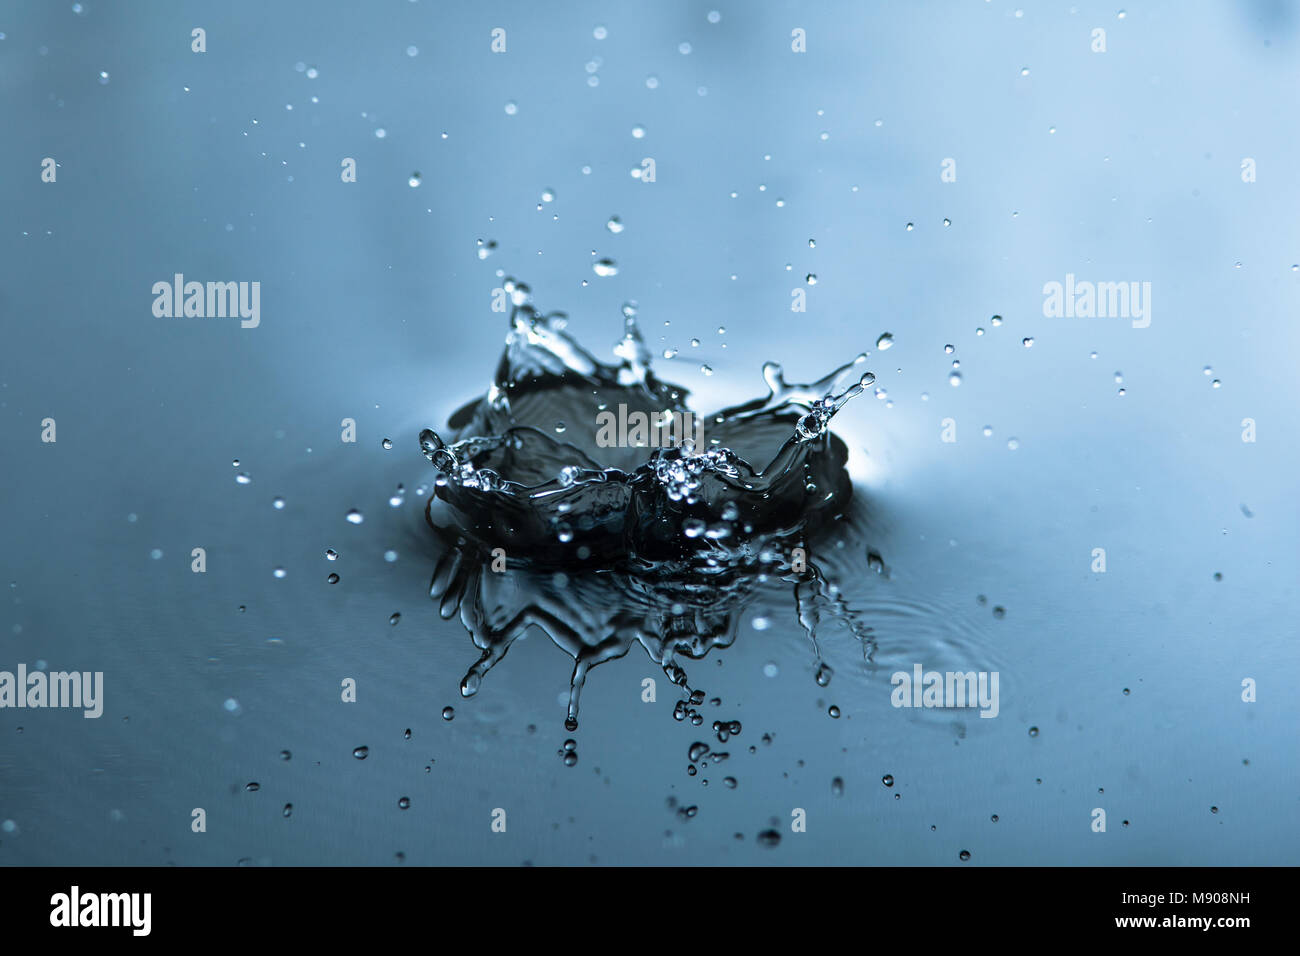 Water Splashing Macro, up-close - Stock Image